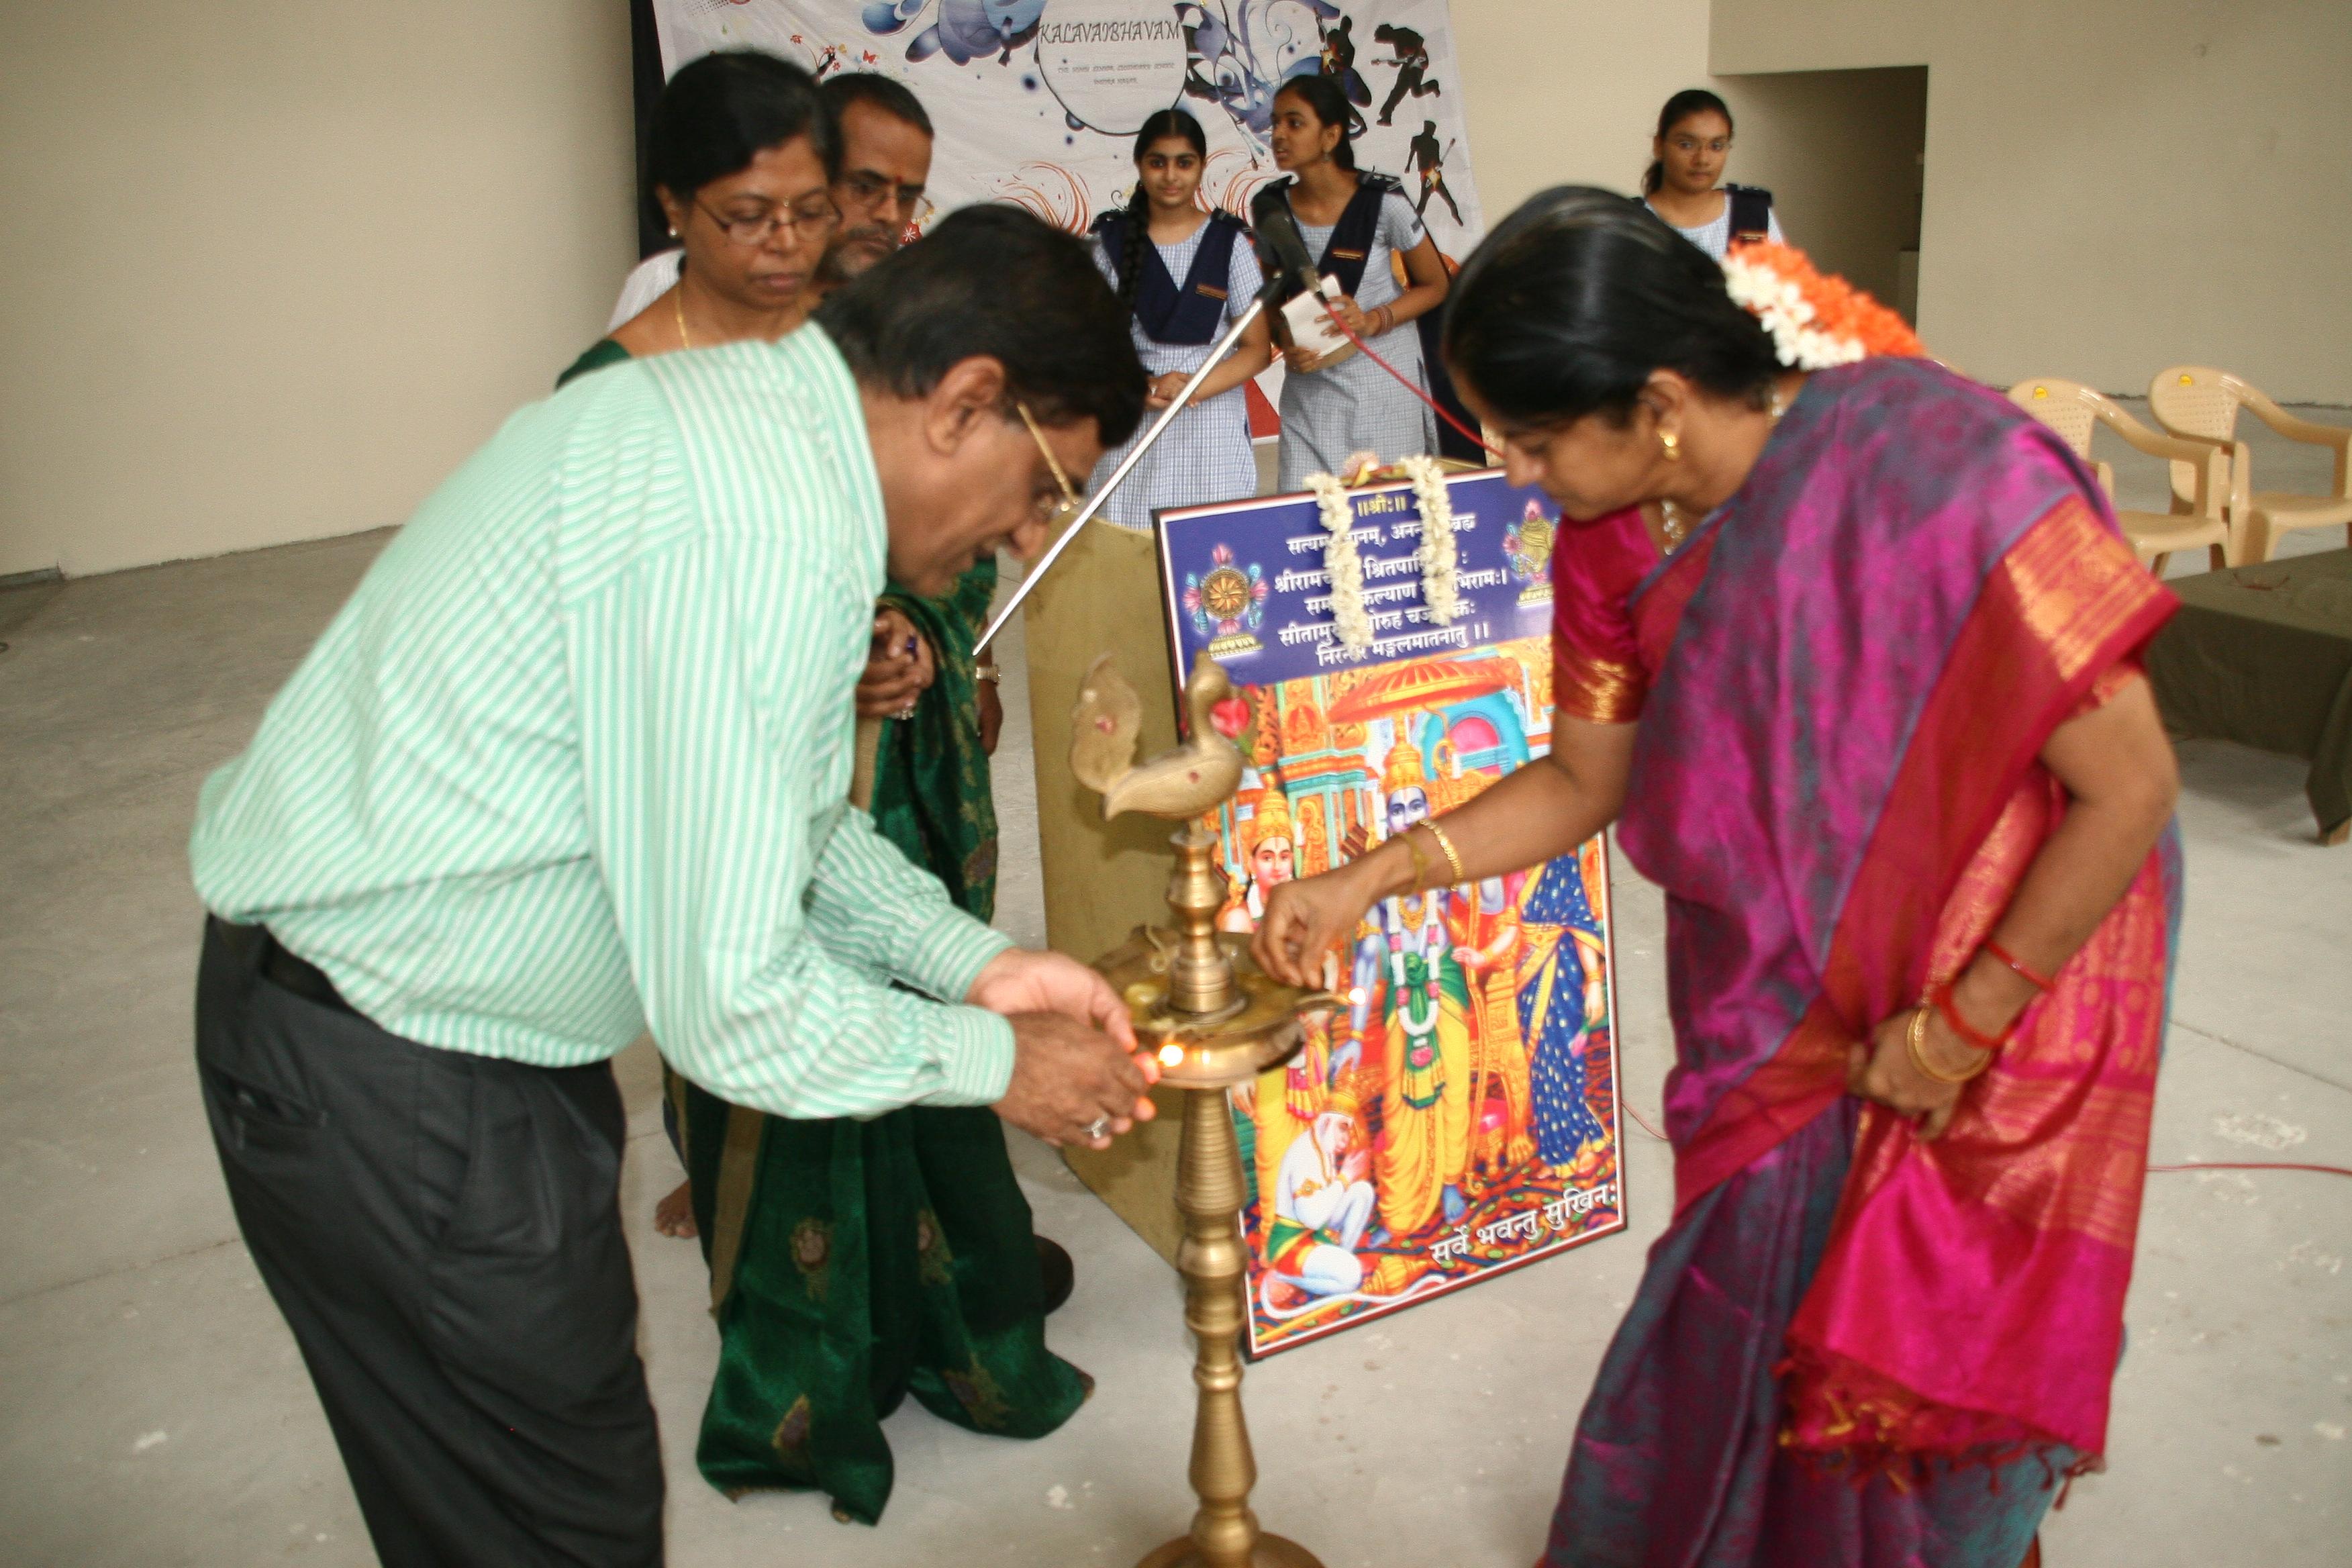 Kalavaibhavam 2012: An extravaganza!